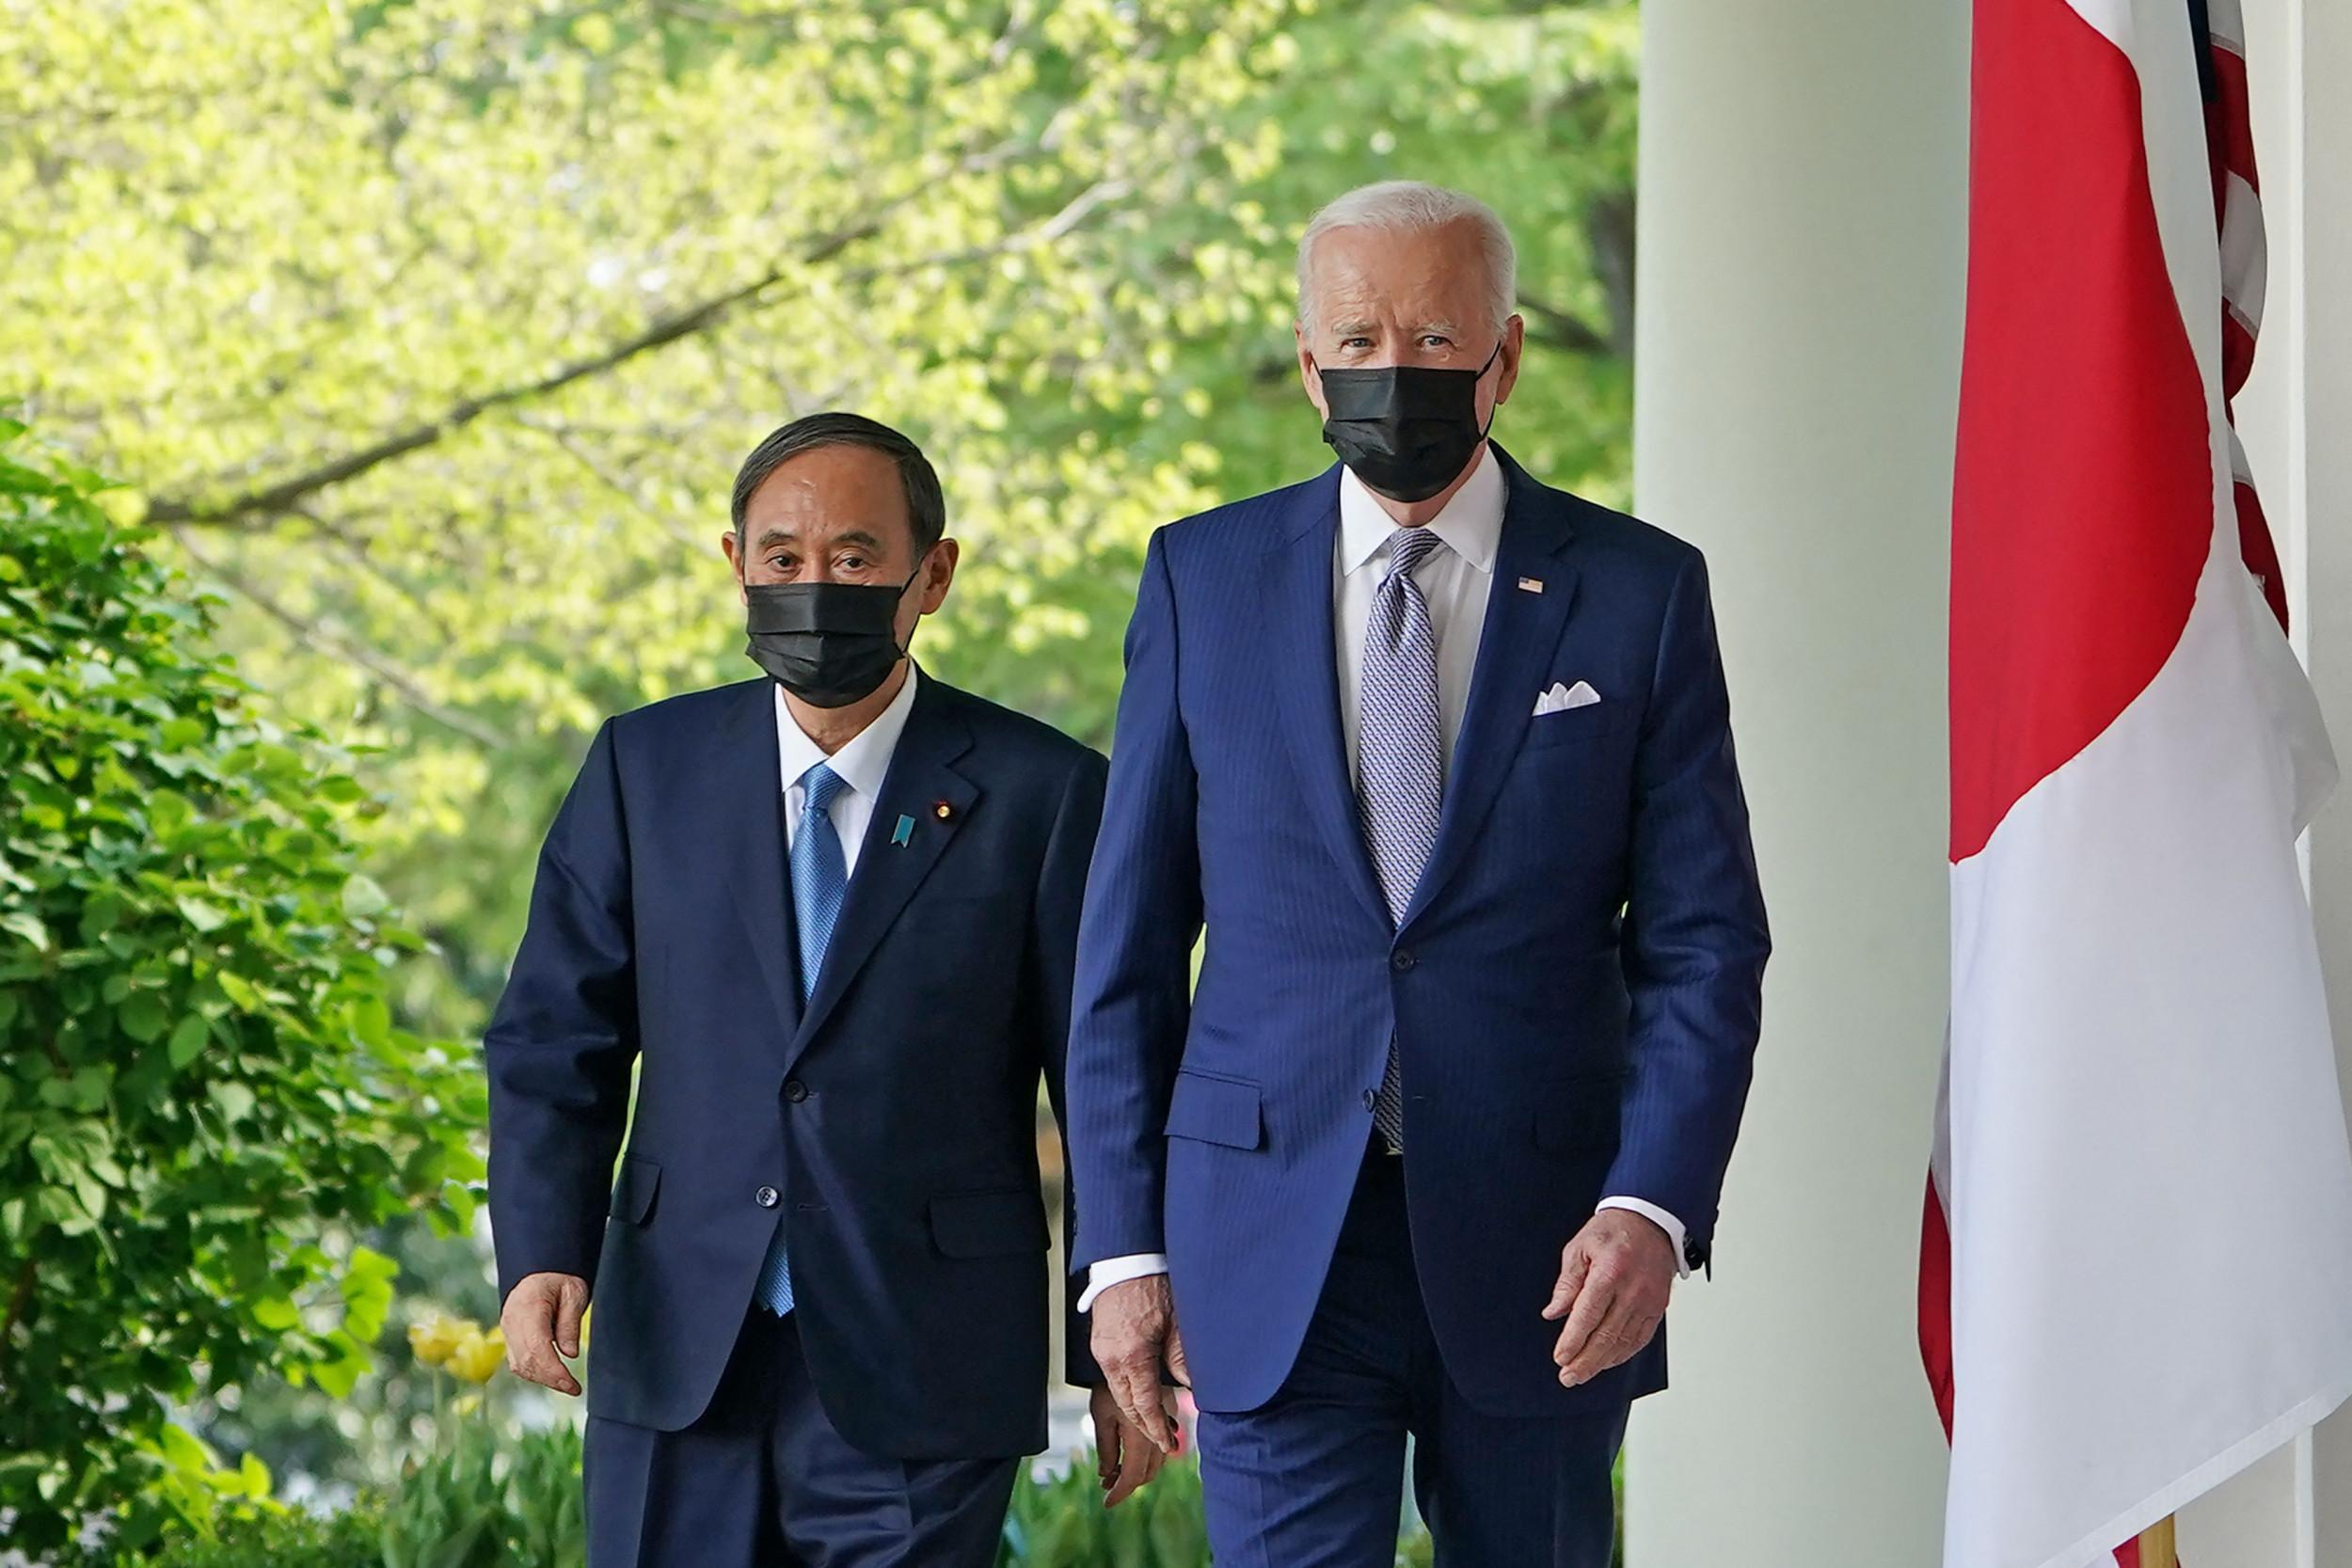 Yoshihide Suga Affirms 'Tight Bond' Between U.S., Japan In Visit with Joe Biden